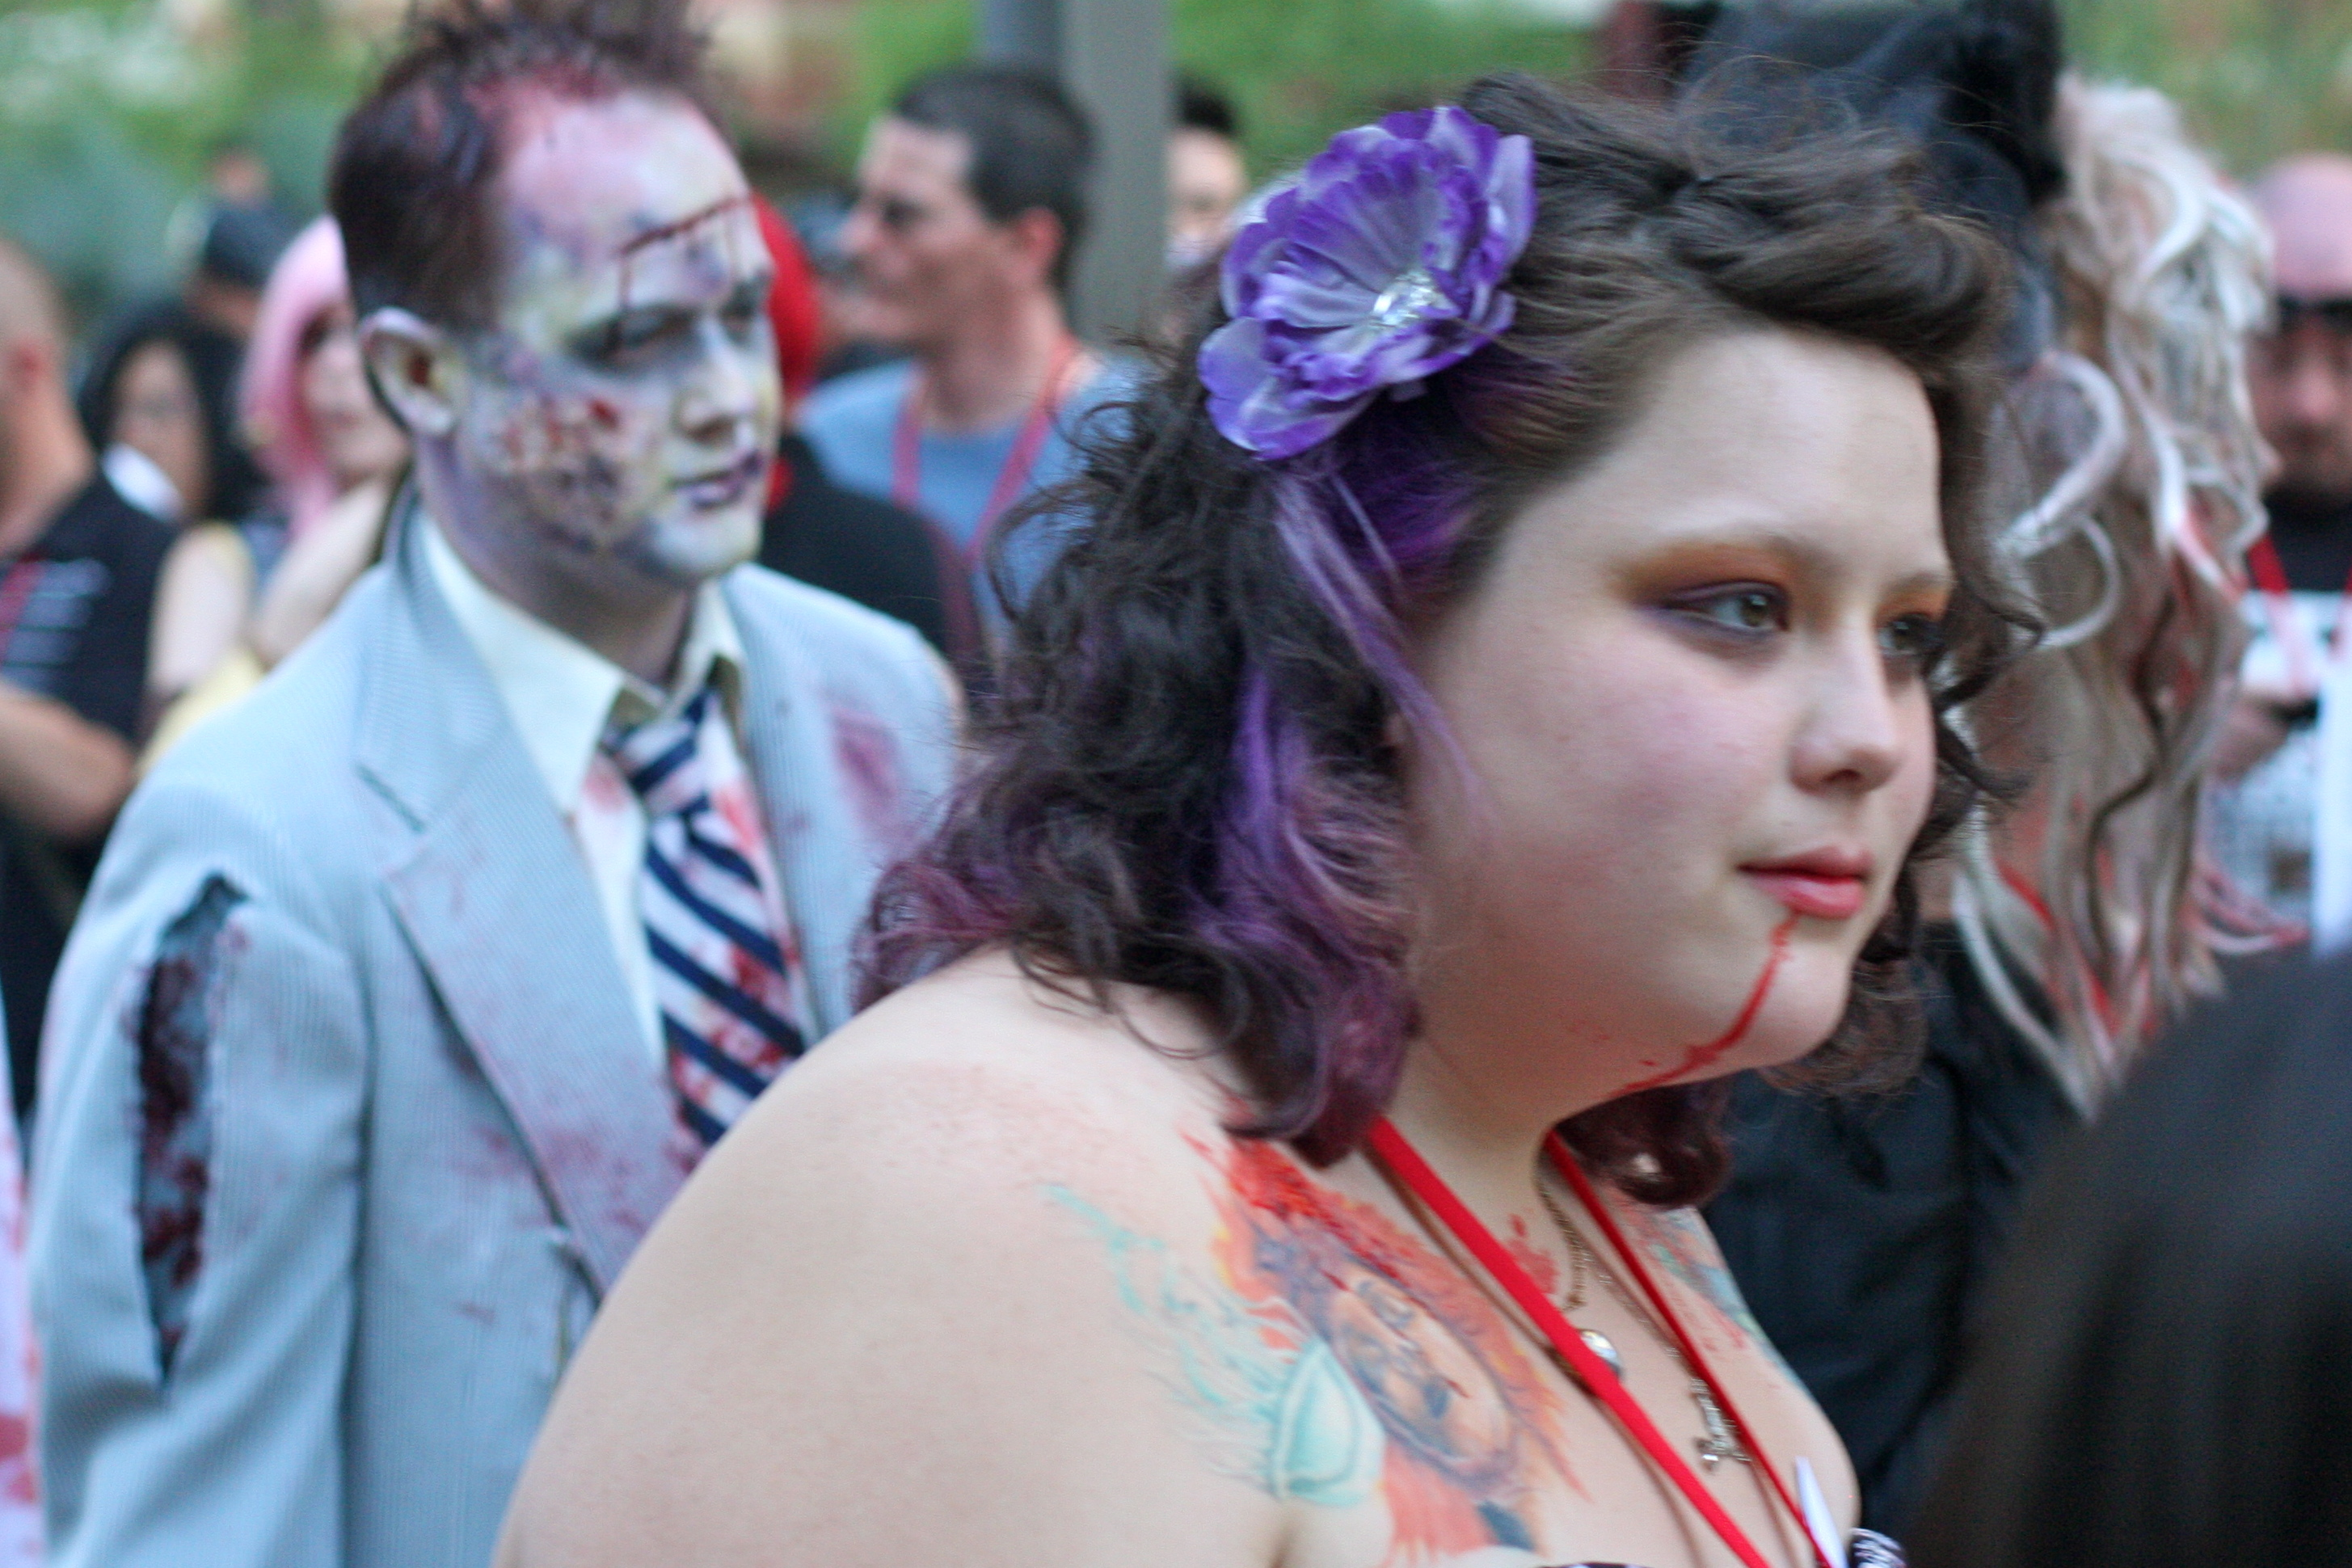 5848937210 875c3754a8 o Phoenix Comicon 2011 Zombie Walk Funny Picture